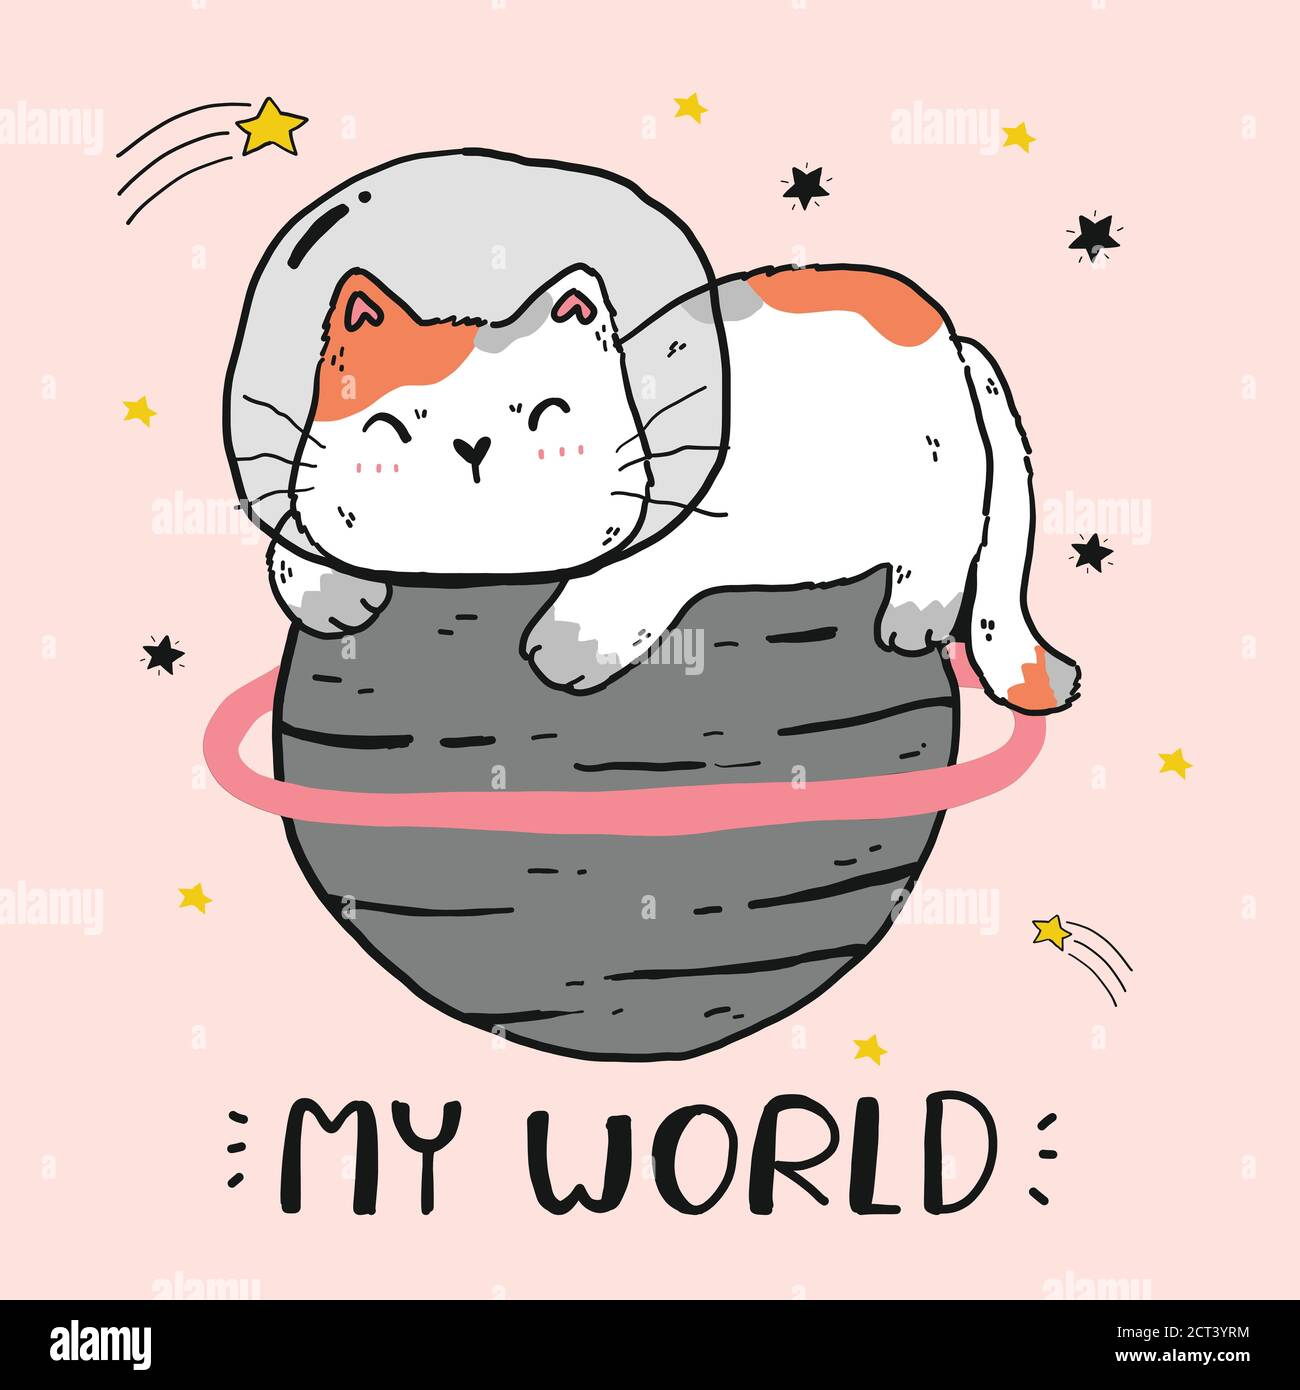 mignon gros chat assis sur le monde, le monde de chat, mon monde, drôle chat clip art pour l'autocollant, sublimation, carte de voeux, autocollant, imprimable numérique Illustration de Vecteur